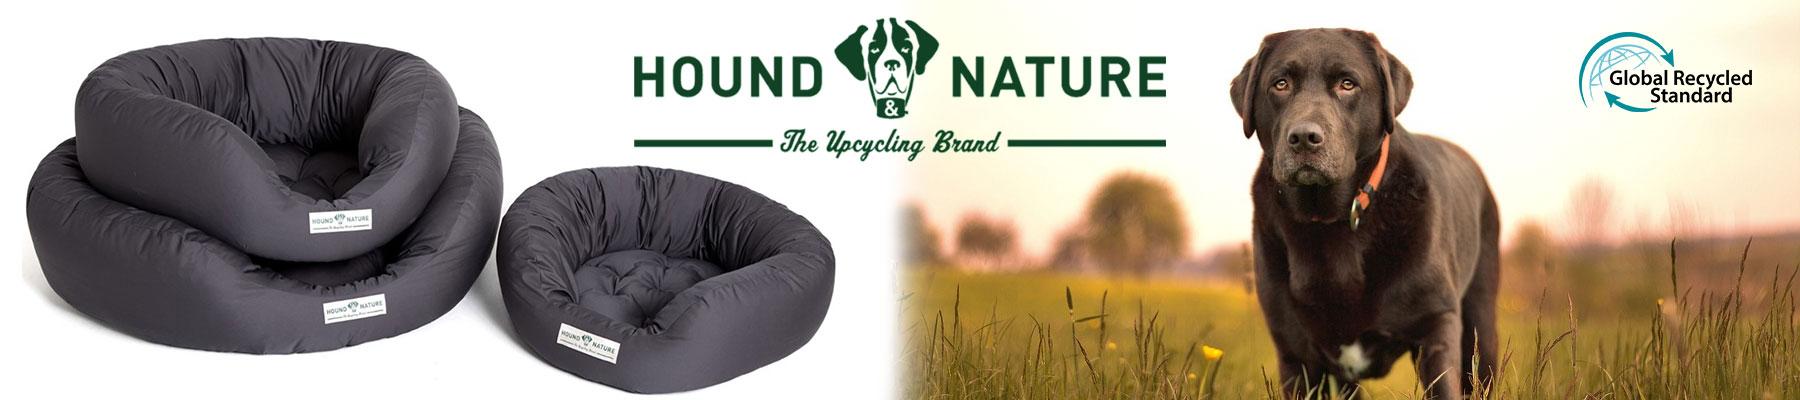 Hound & Nature Schlafplätze, Bild 2